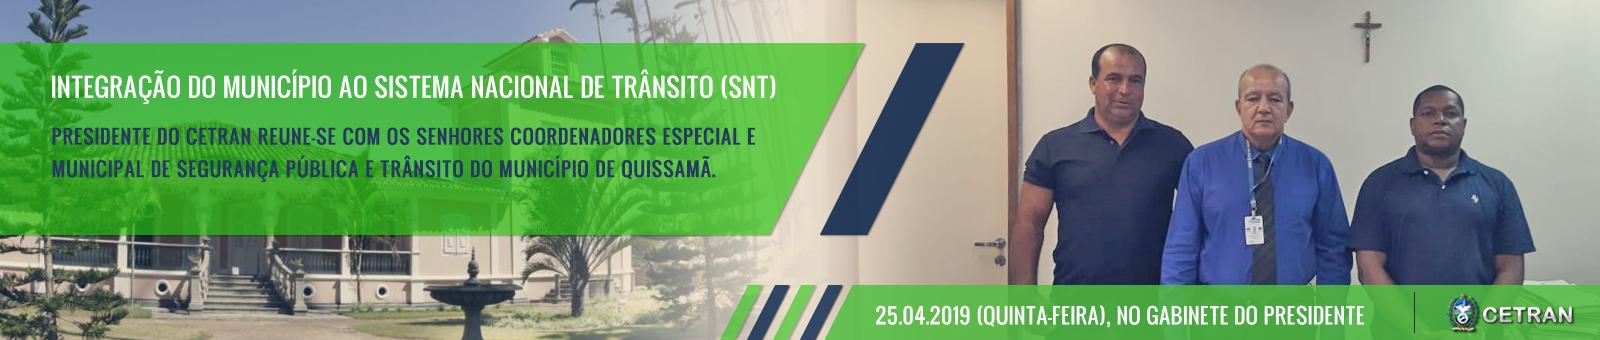 Reunião SNT - Quissamã